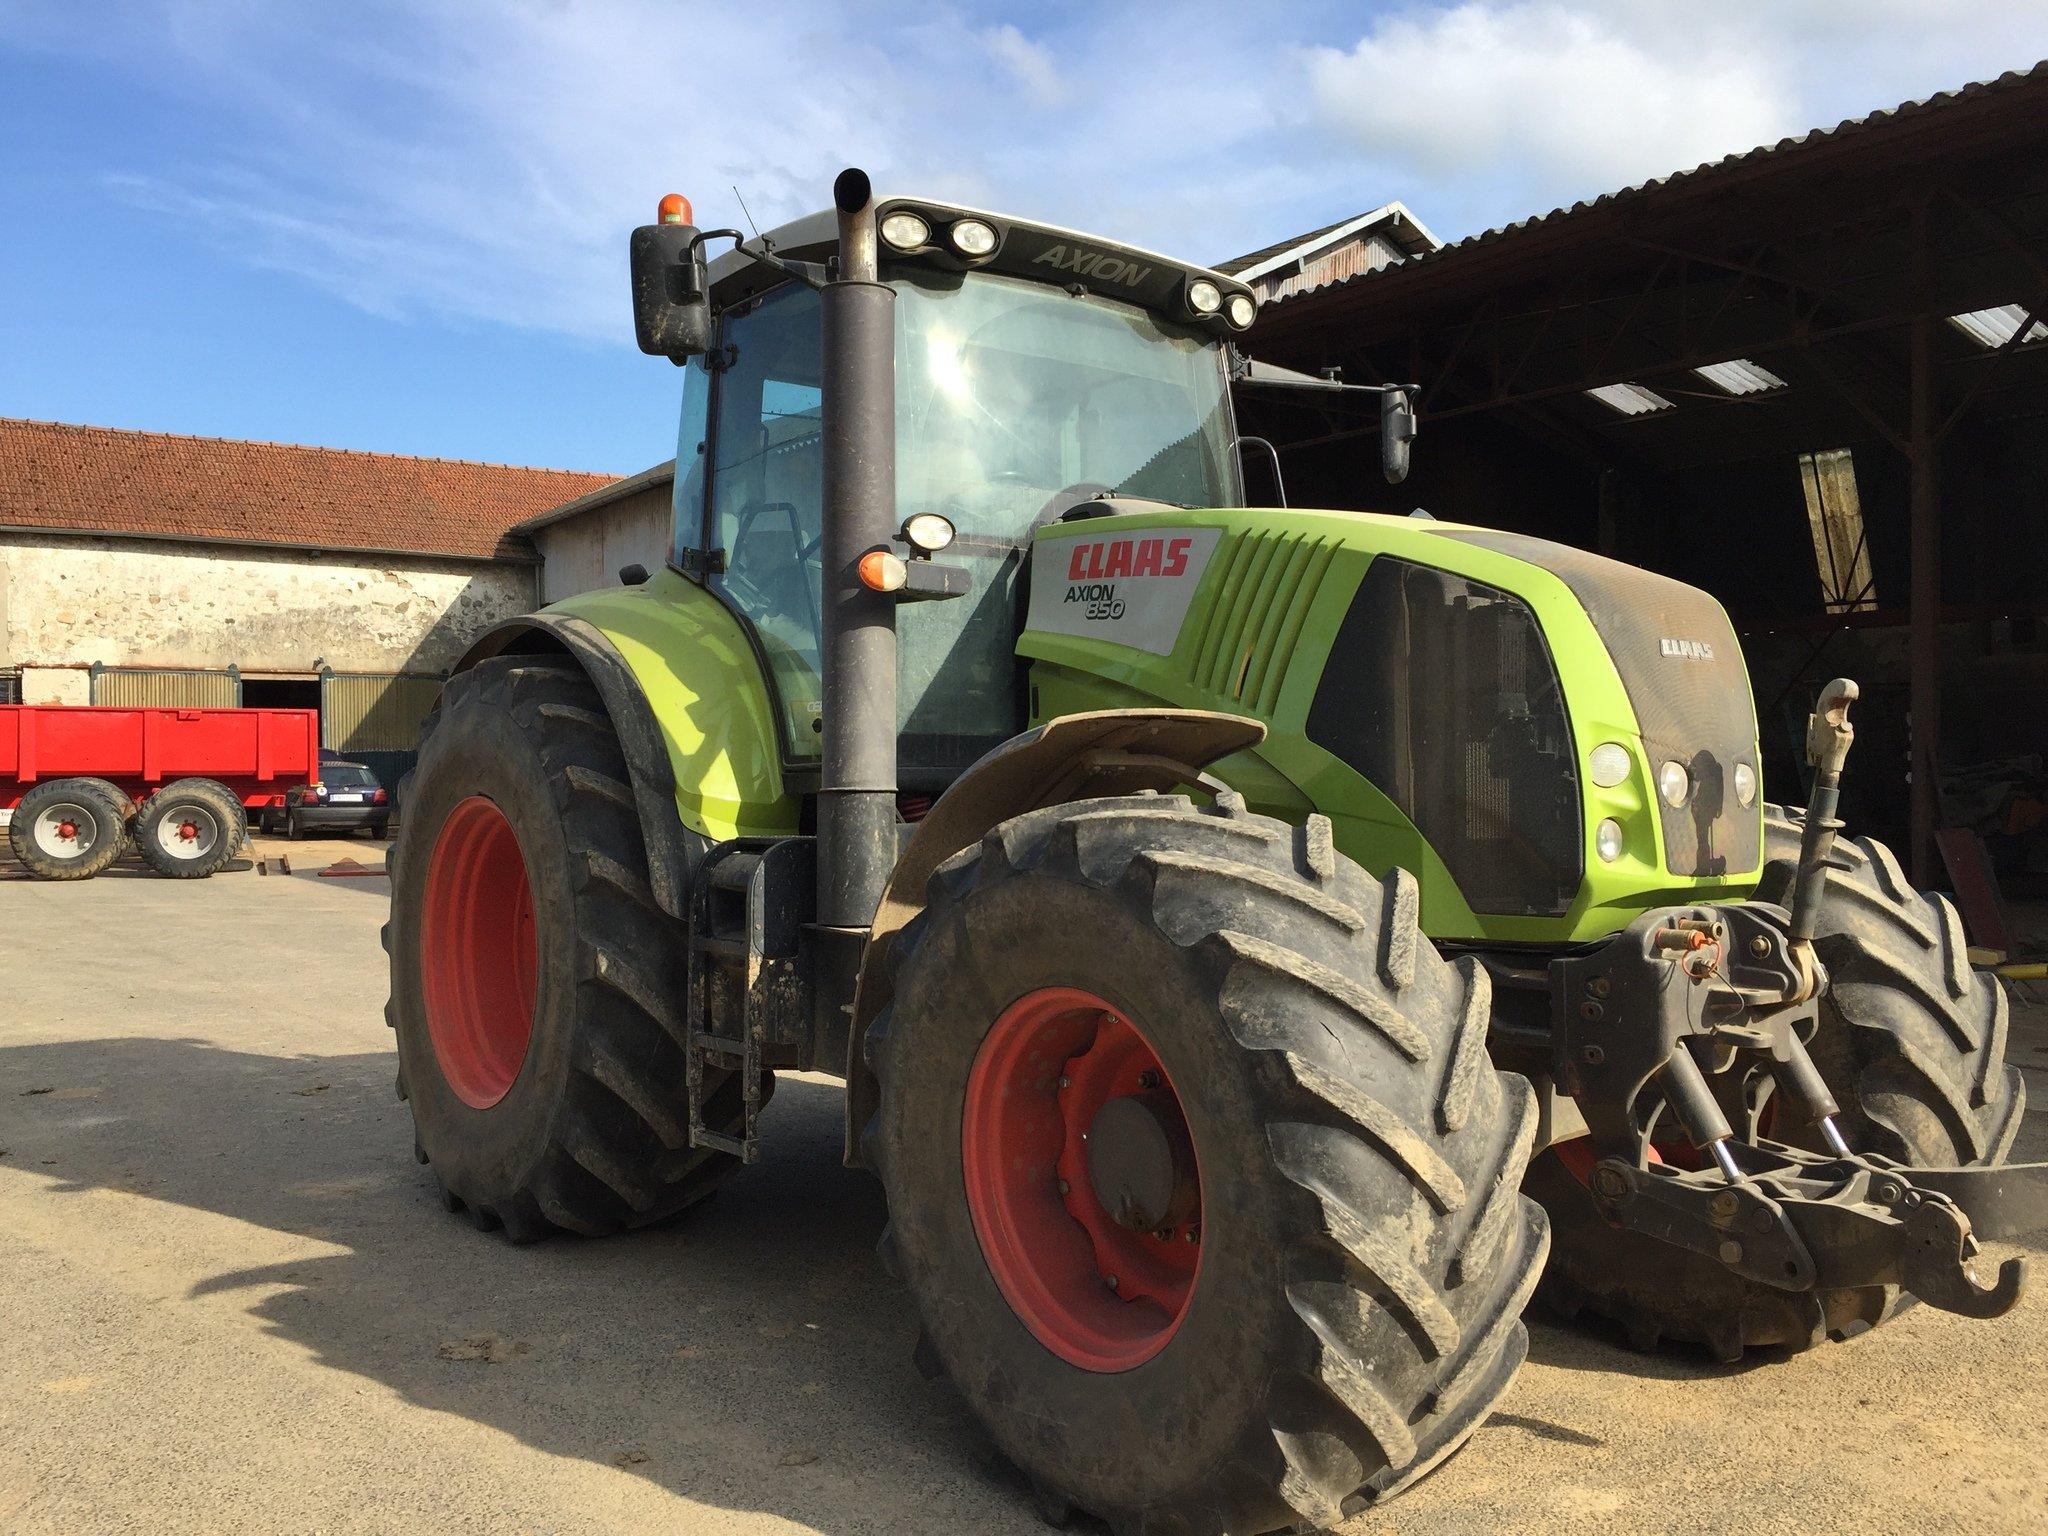 tracteur agricole claas axion 850 cebis vendre sur motobrie. Black Bedroom Furniture Sets. Home Design Ideas